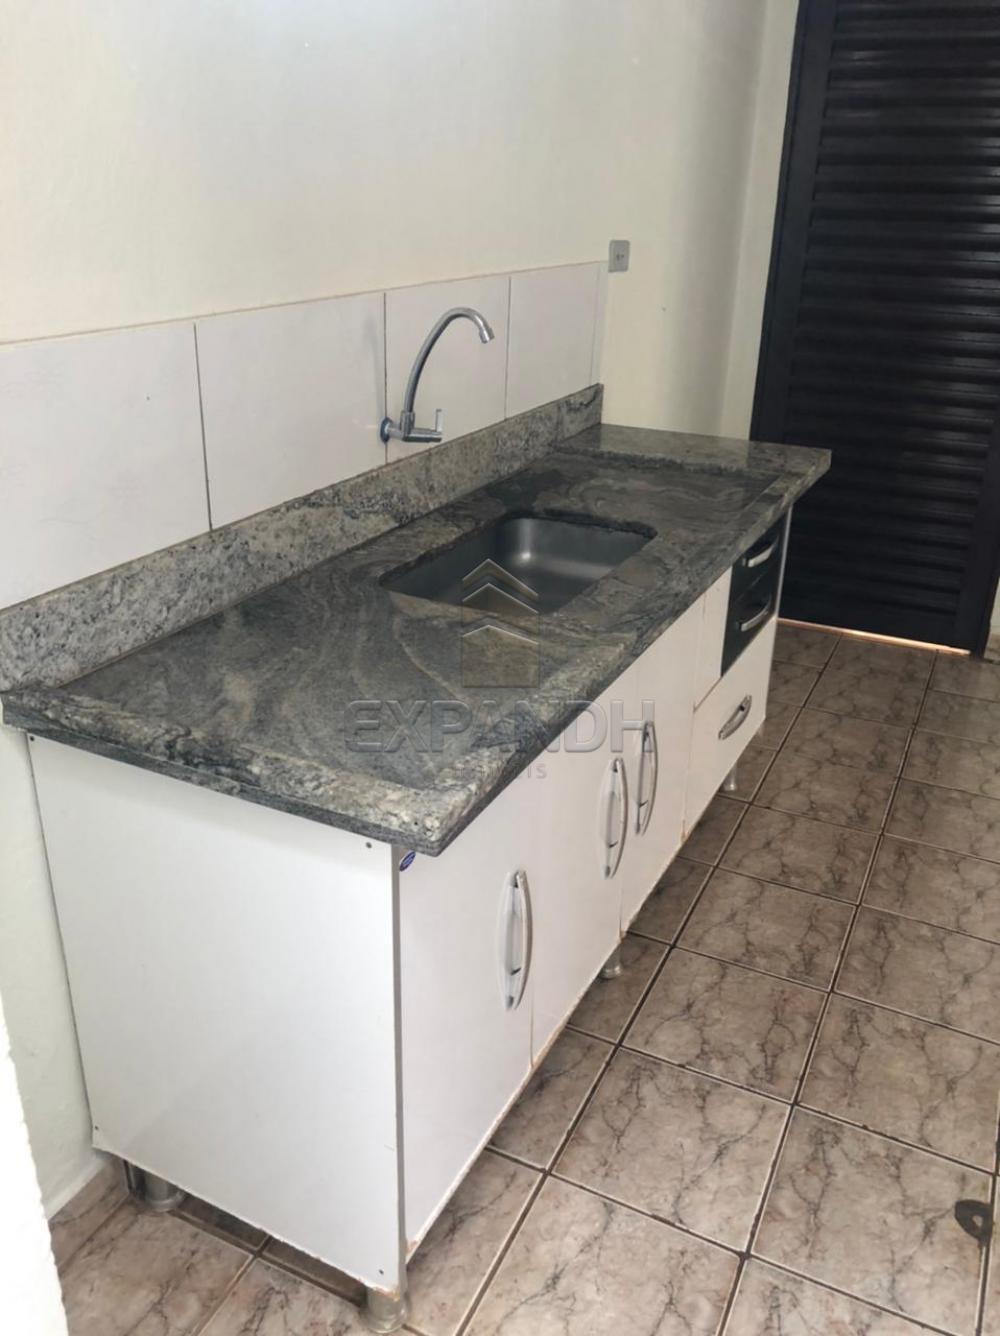 Alugar Casas / Padrão em Sertãozinho R$ 1.250,00 - Foto 10